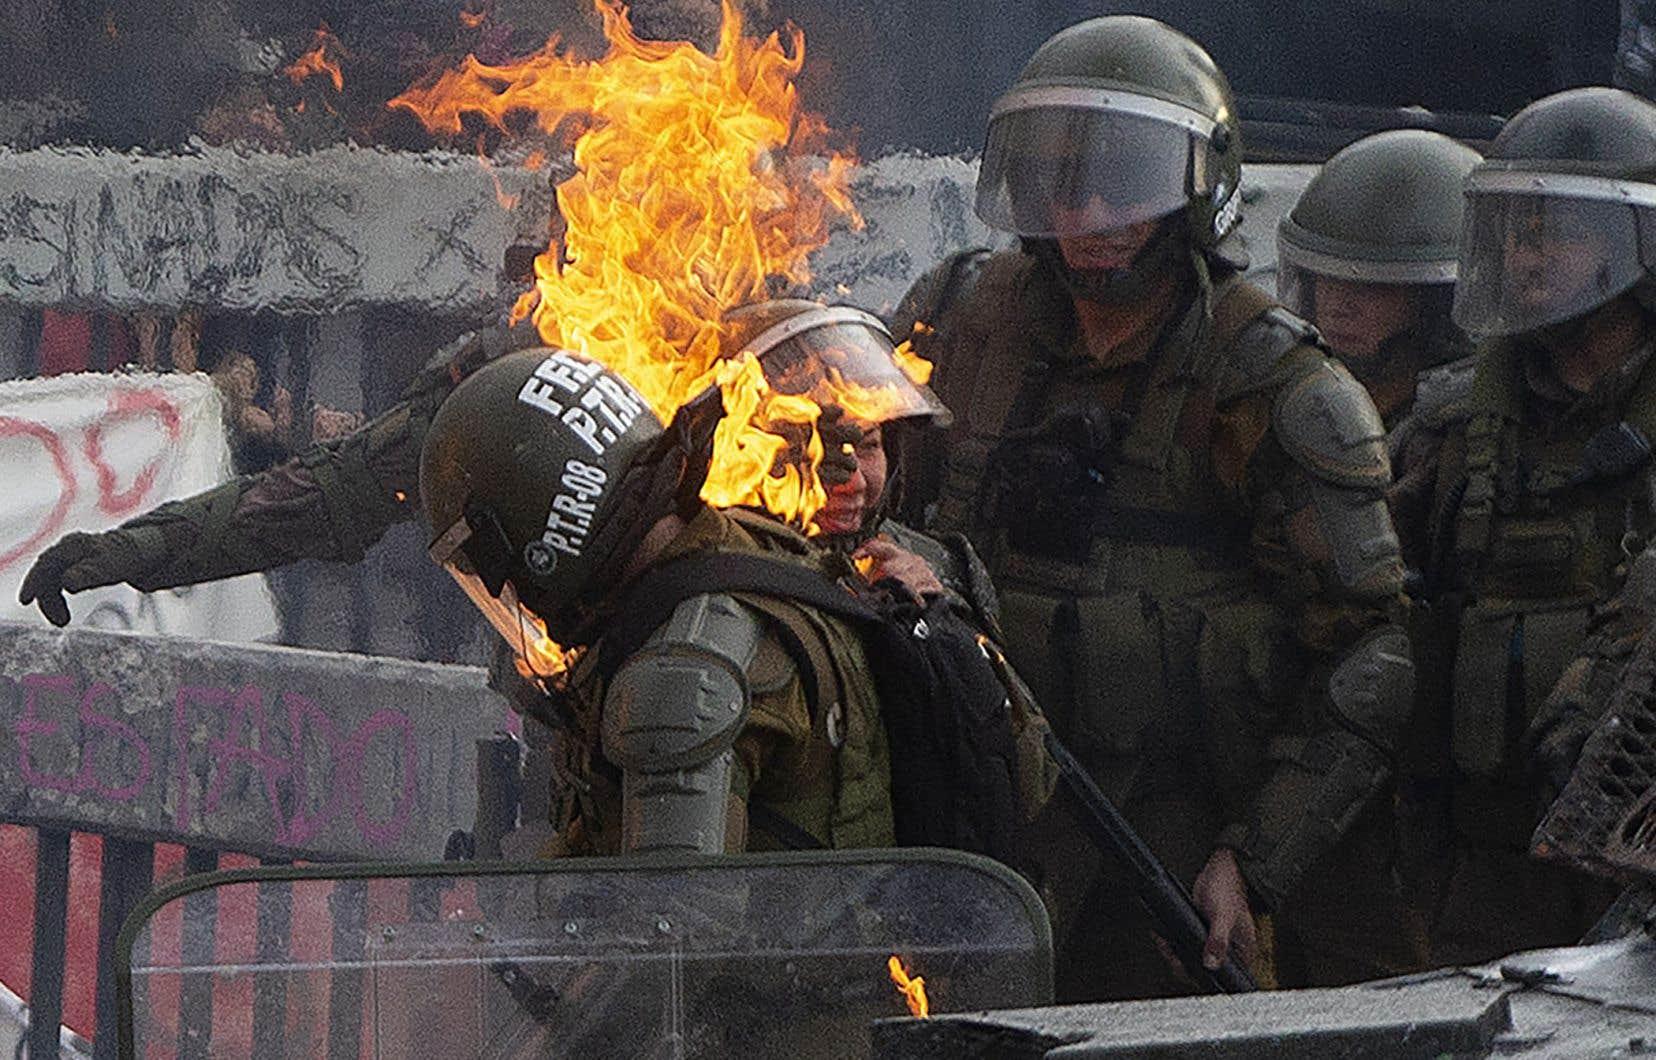 Lundi, les rassemblements ont donné lieu à de violentes altercations entre manifestants et forces de l'ordre.